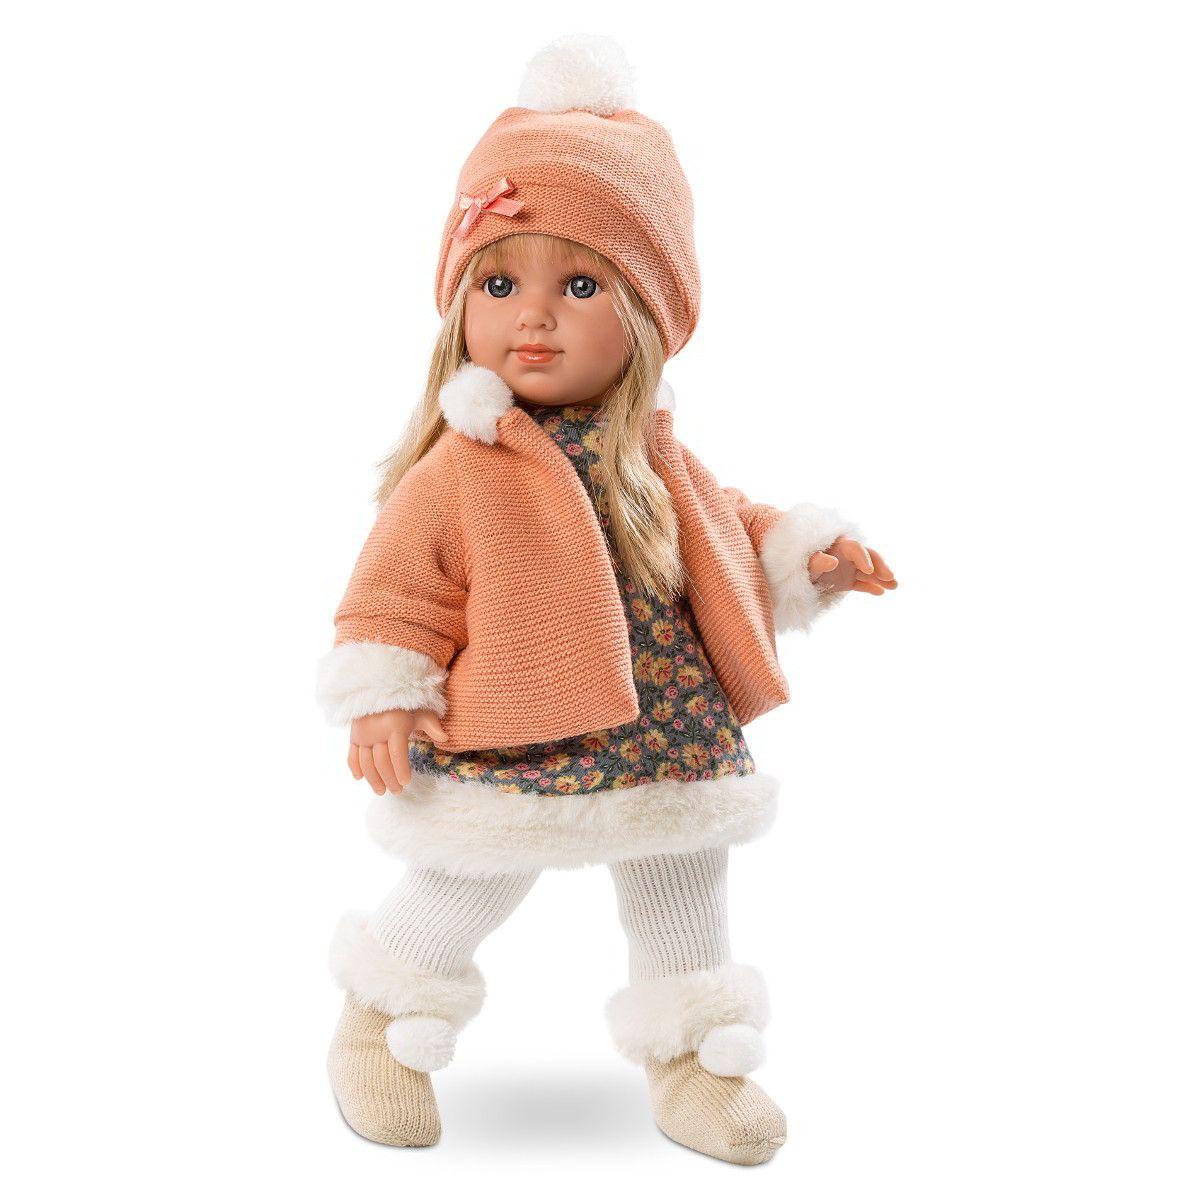 Кукла Елена, 35 см, Llorens Juan  - купить со скидкой